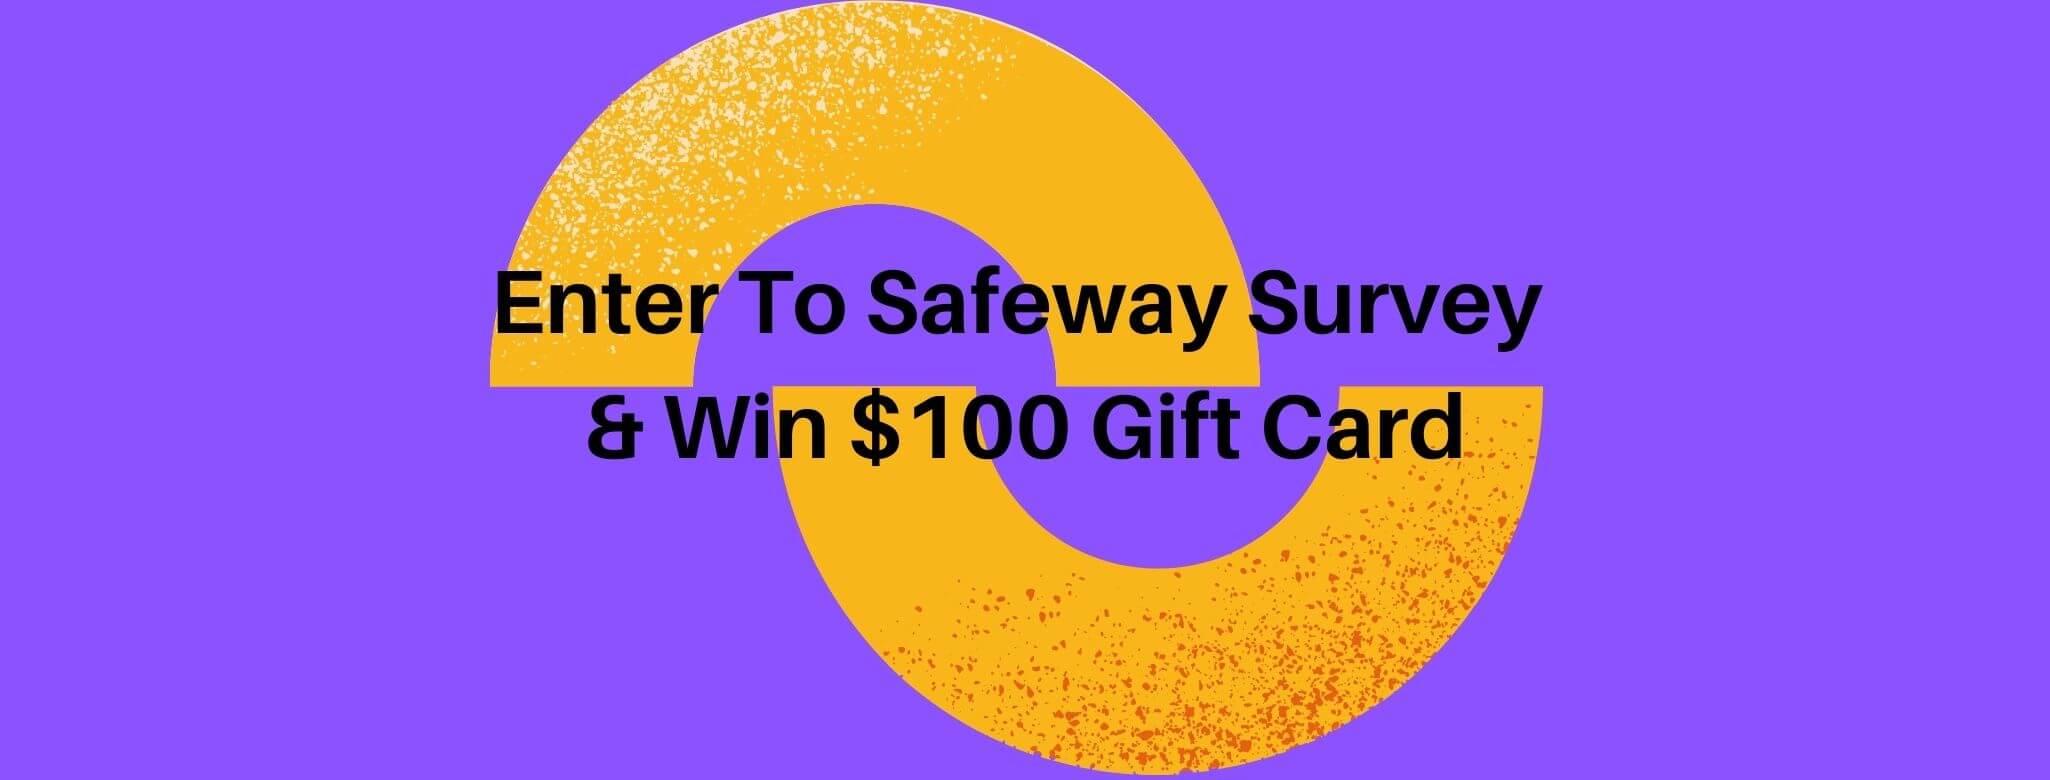 safeway.com survey